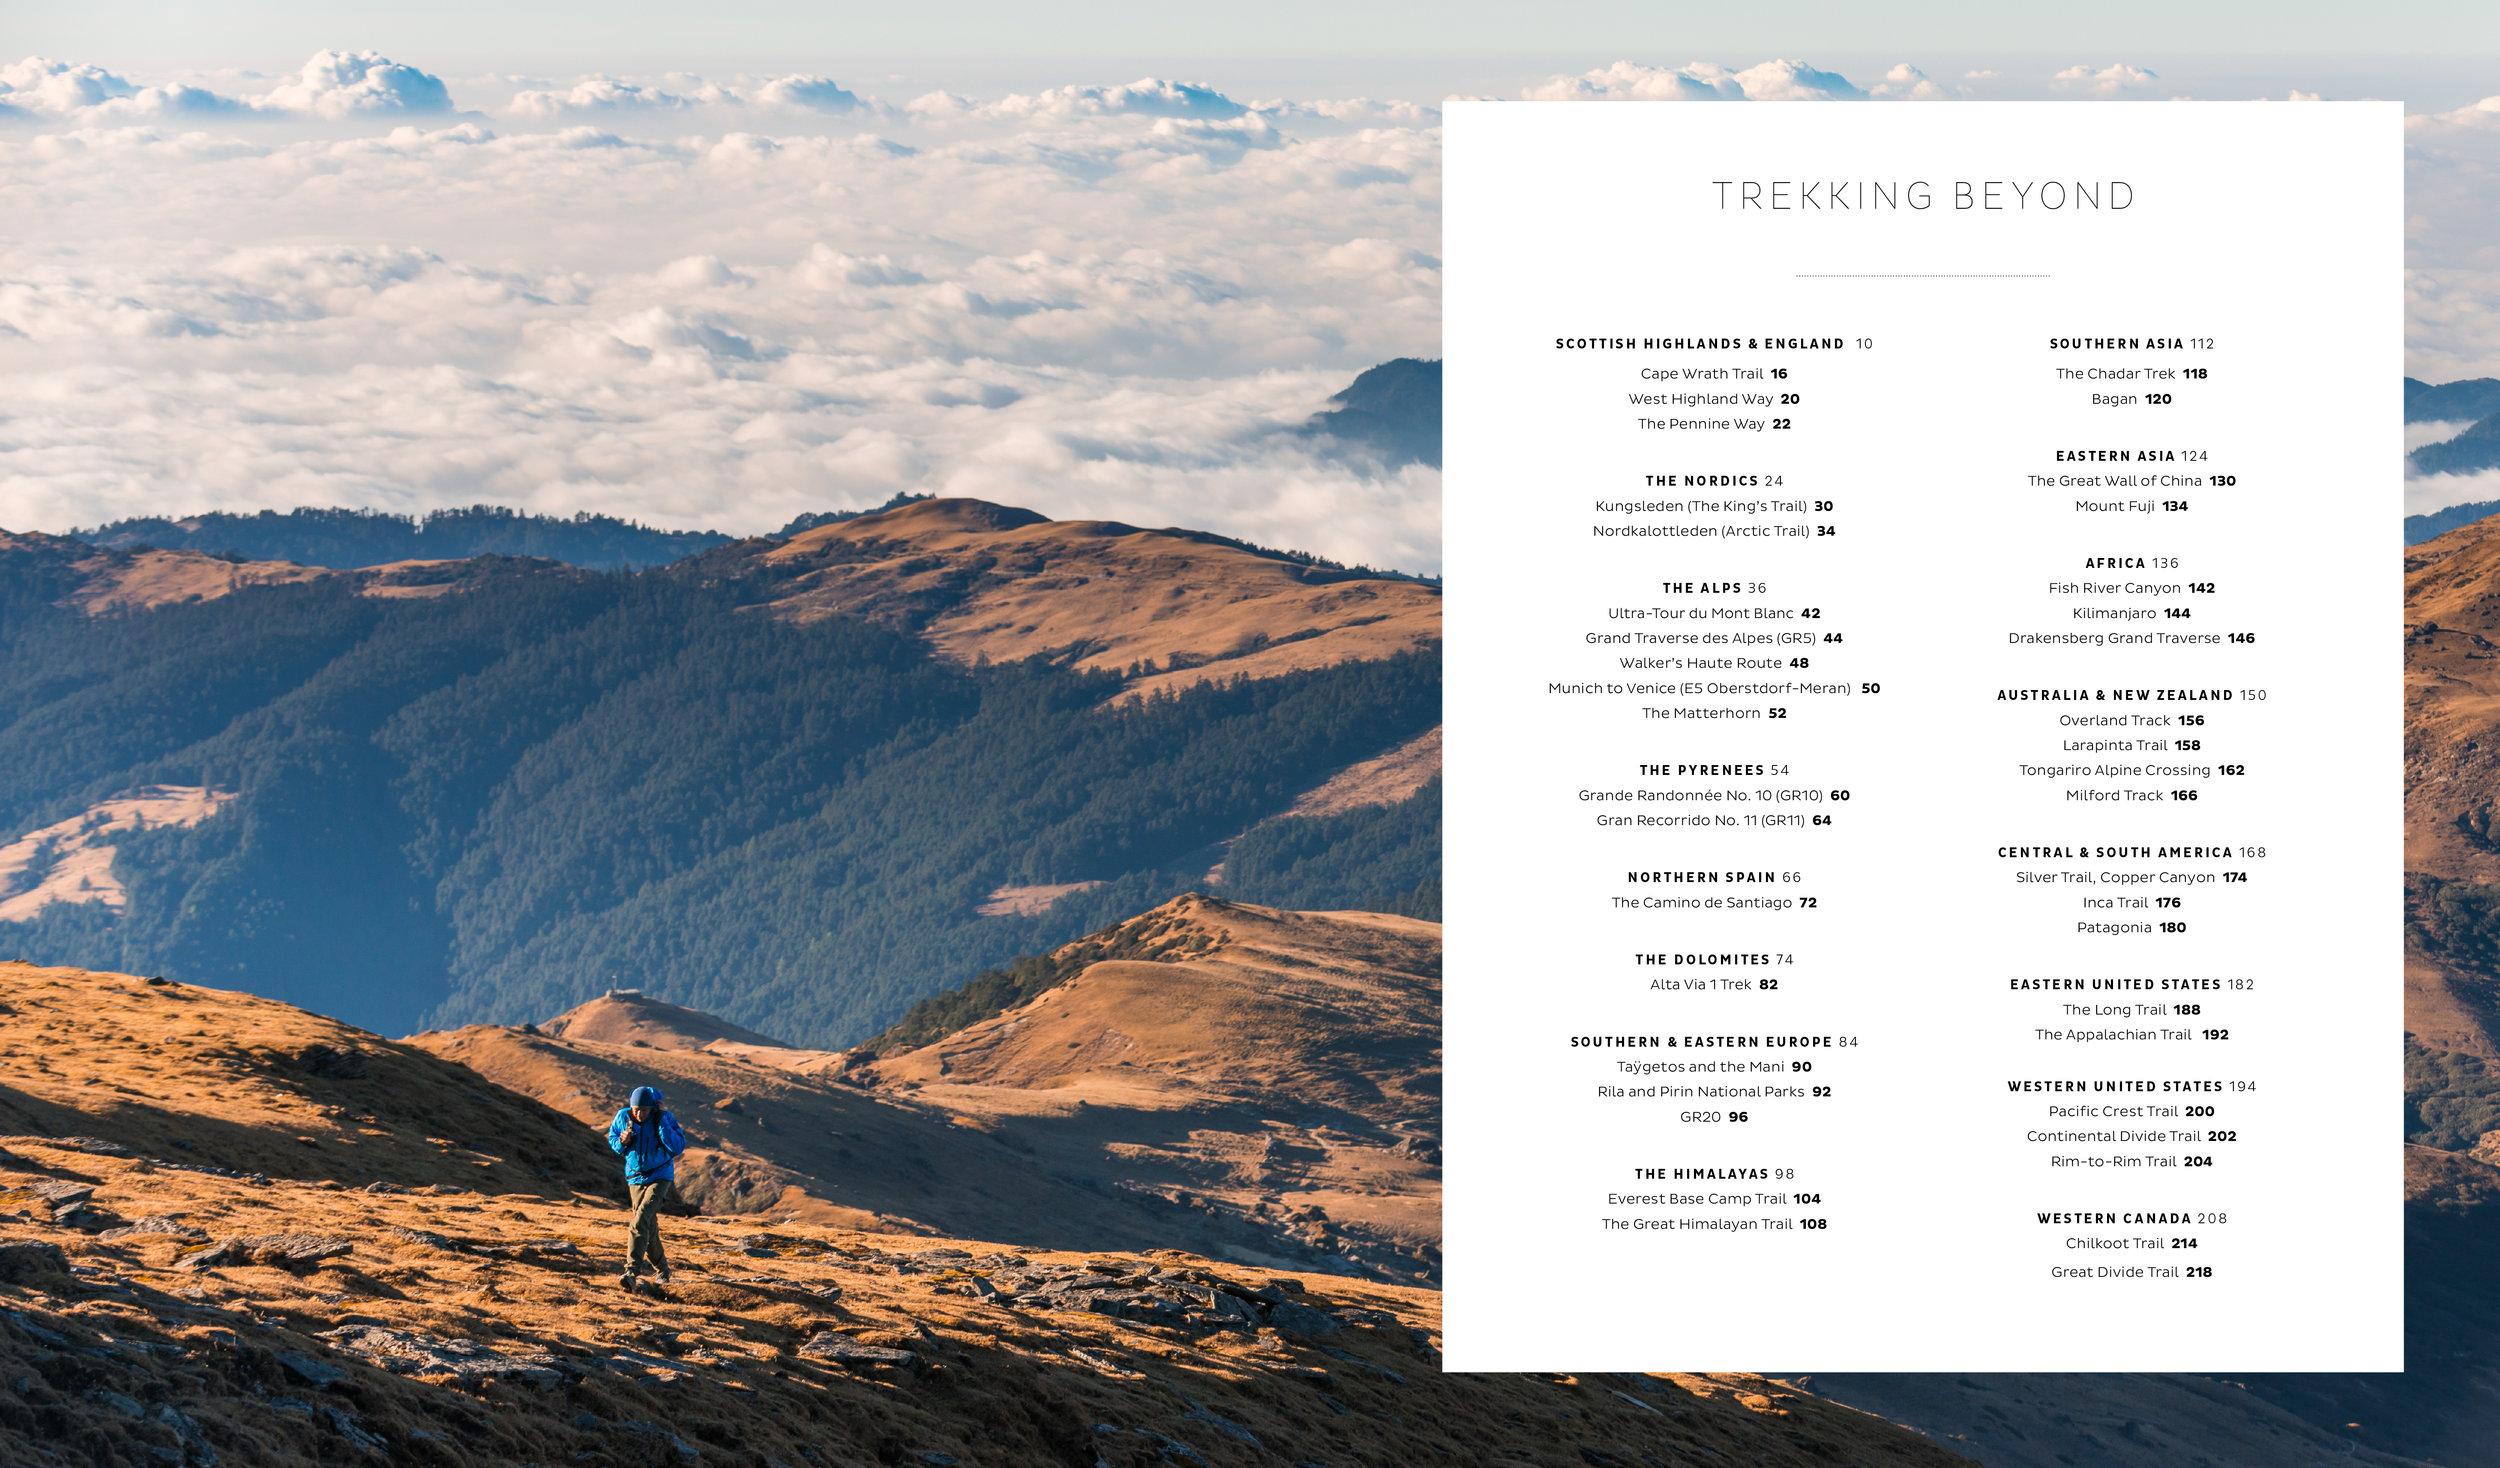 Trekking Beyond v3 April 2018-3.jpg